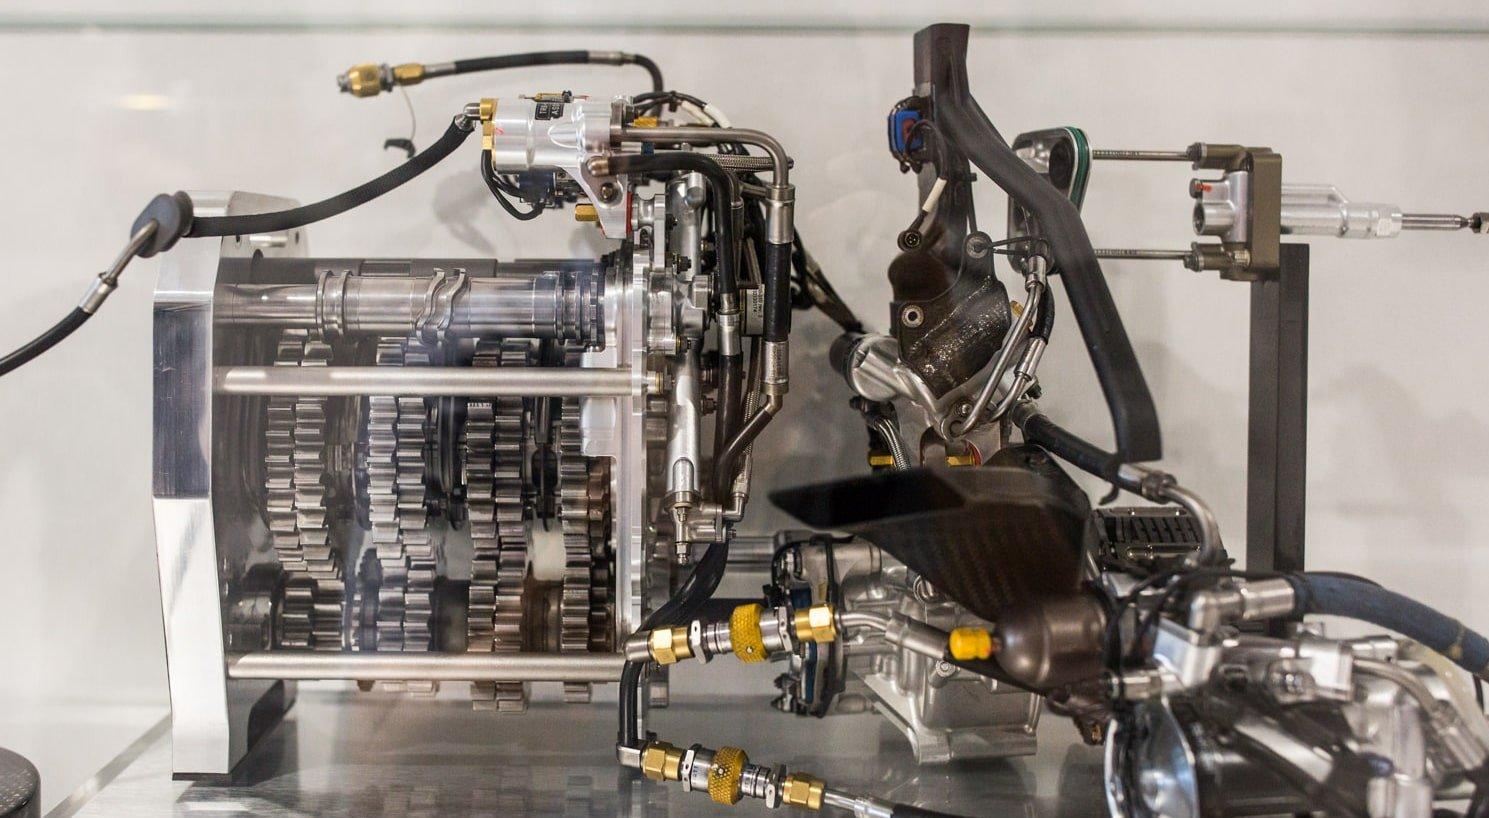 Projektownia części dotyczących zewnętrznej i wewnętrznej dynamiki bolidu F1 (skrzydła, dyfuzory, hamulce itp.).